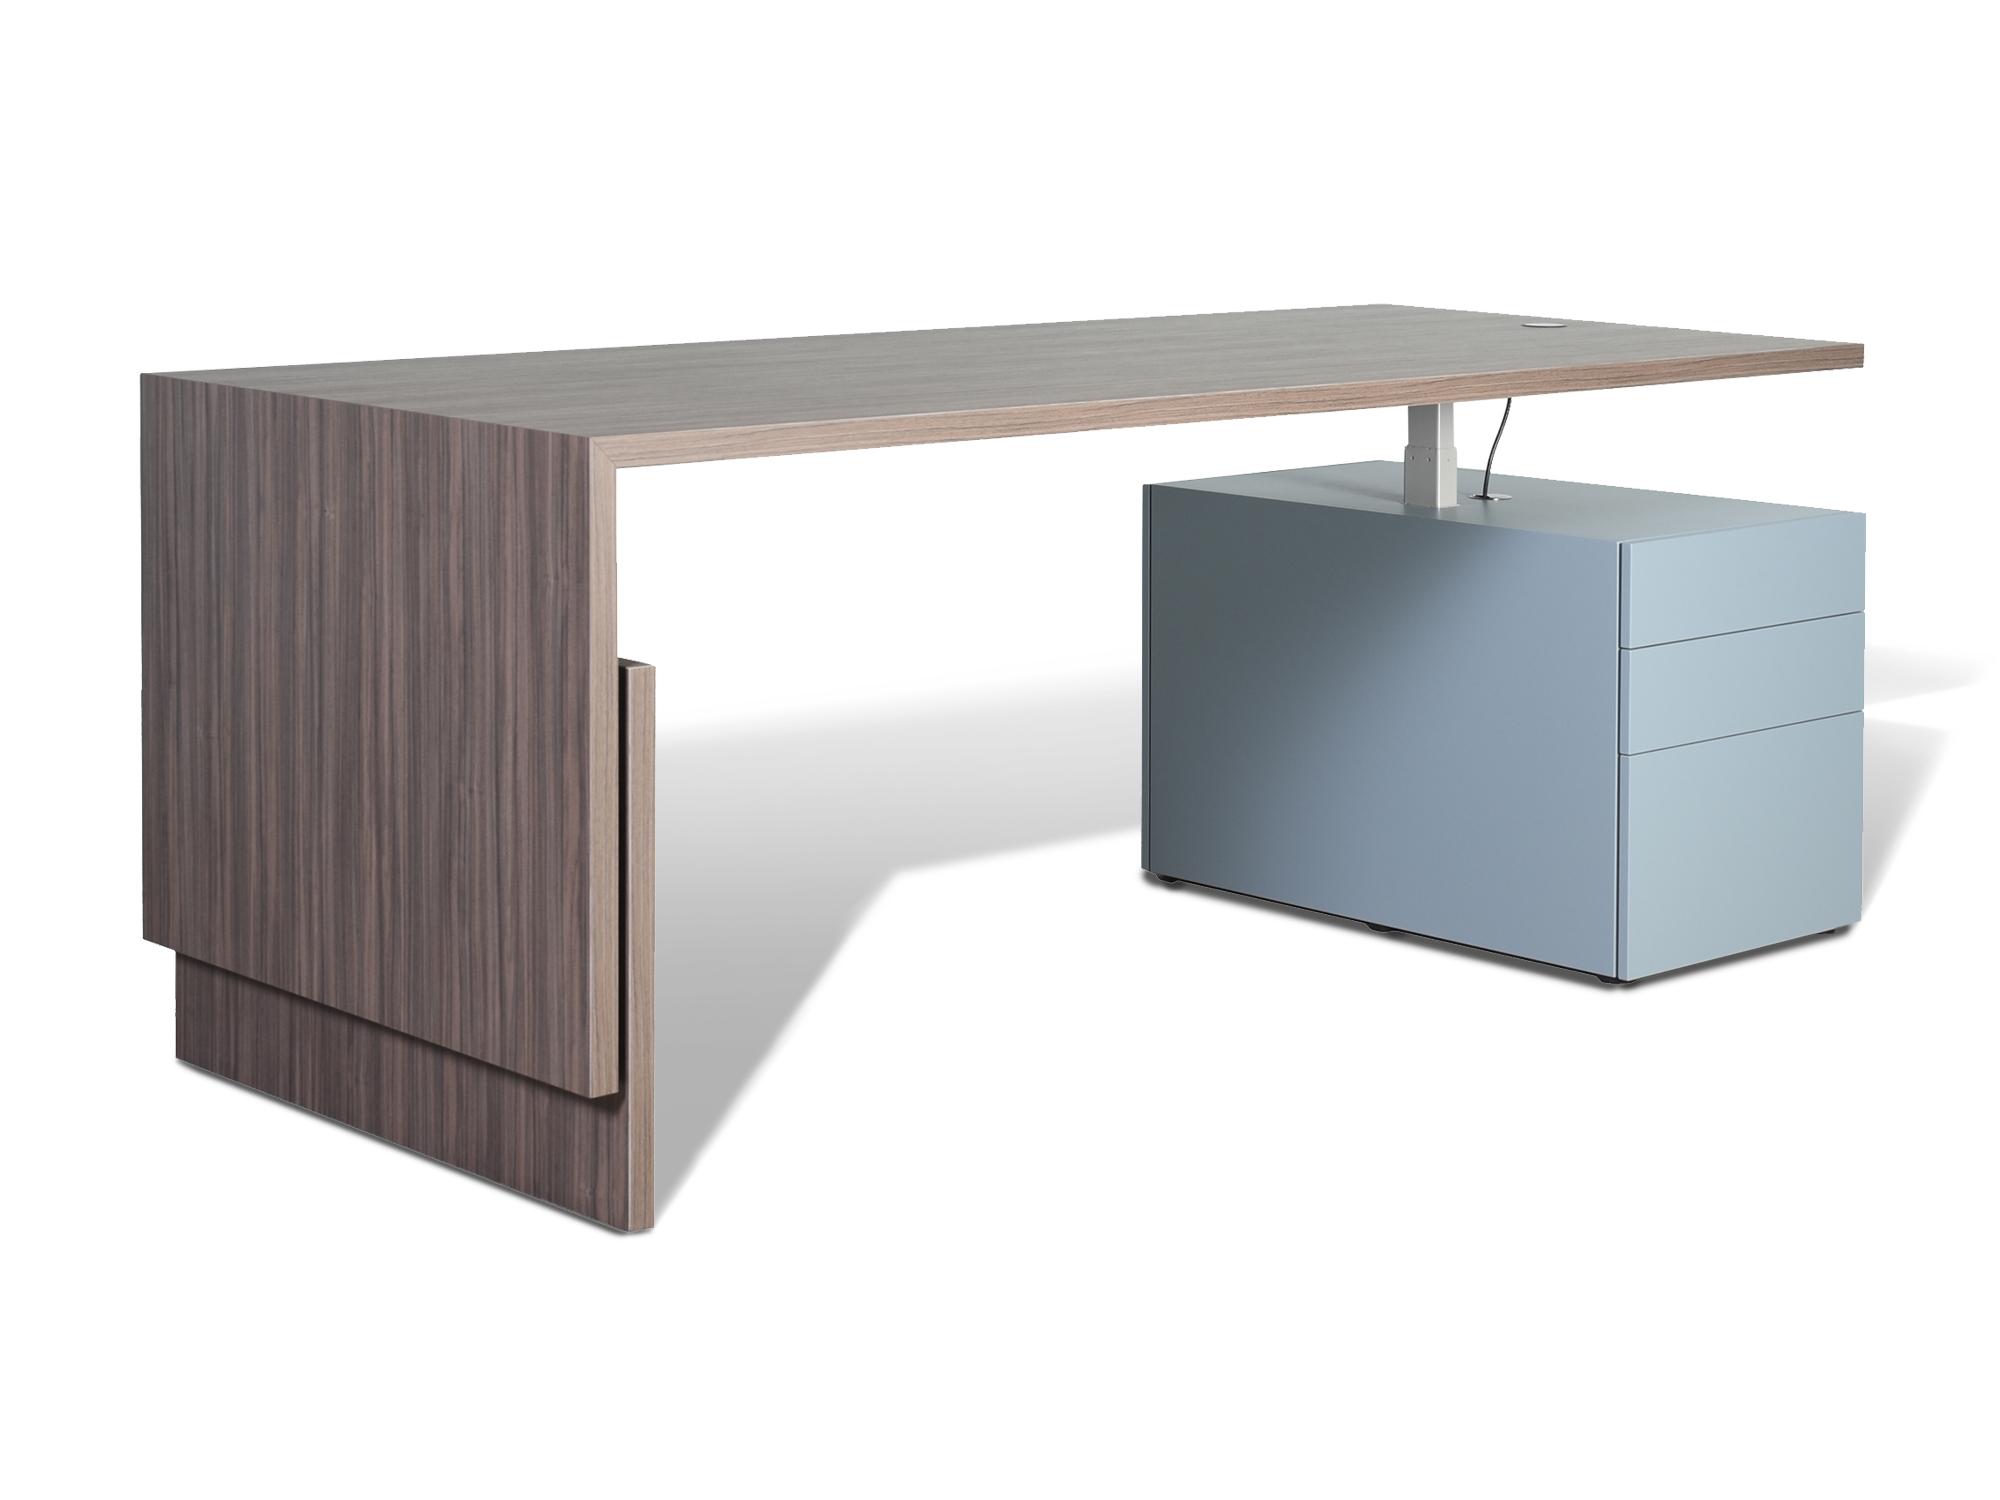 LVV-zitsta, ontwerp door Marieke Castelijn